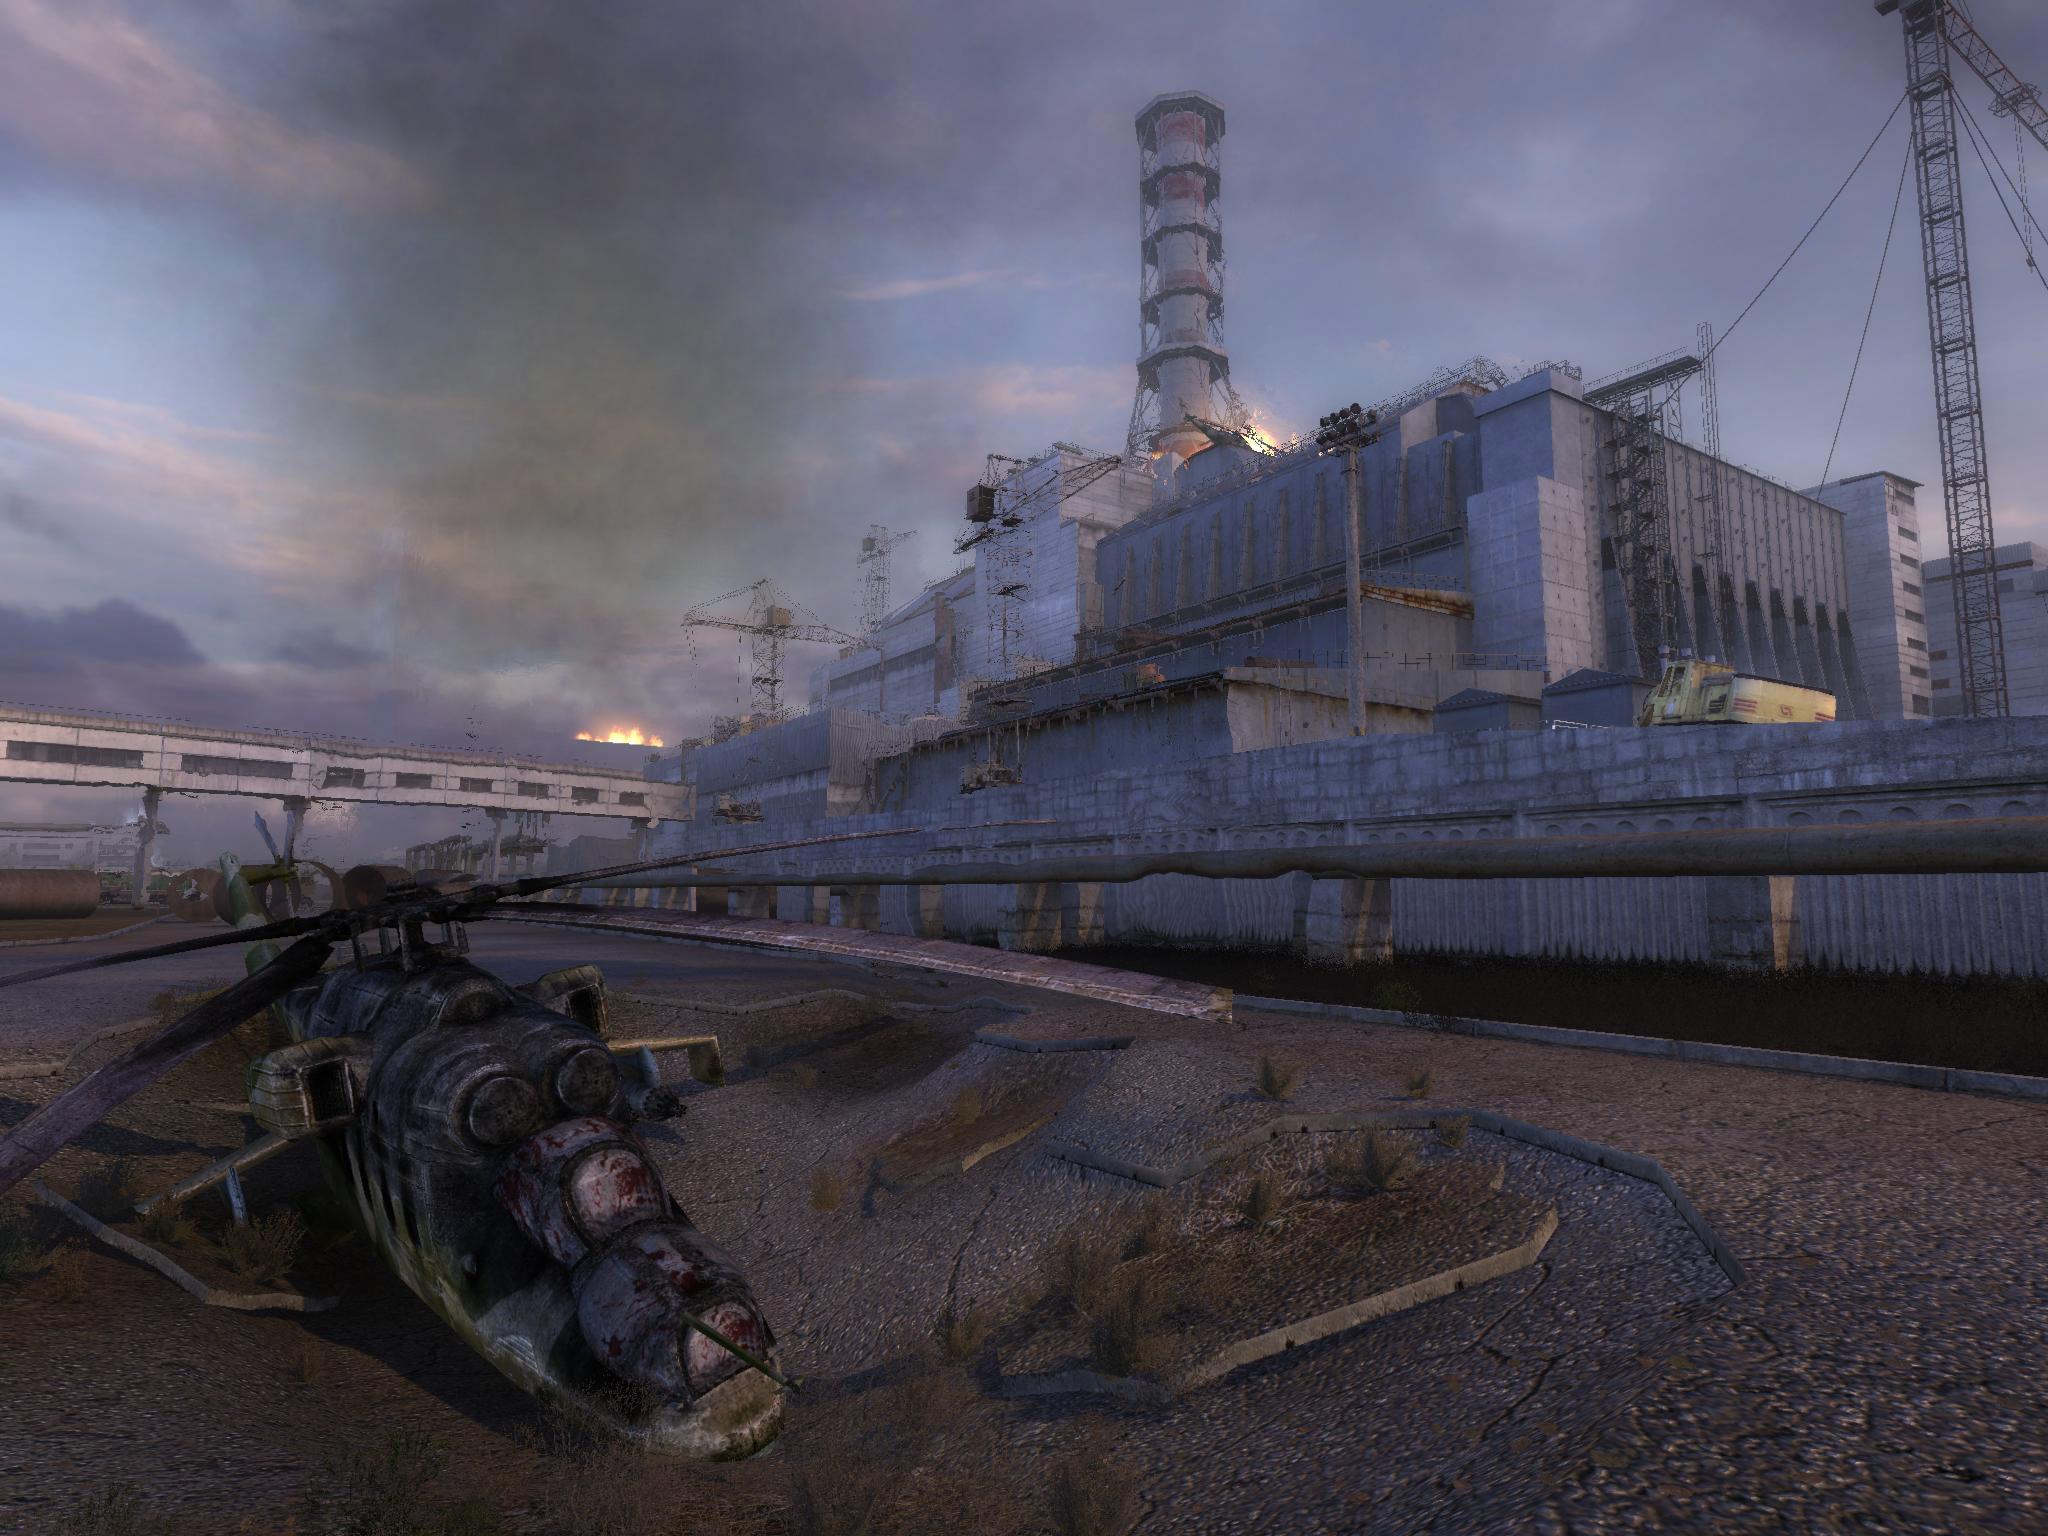 تصویر نیروگاه هستهای به گونهای که در بازی سایهی چرنوبیل بازسازی شد